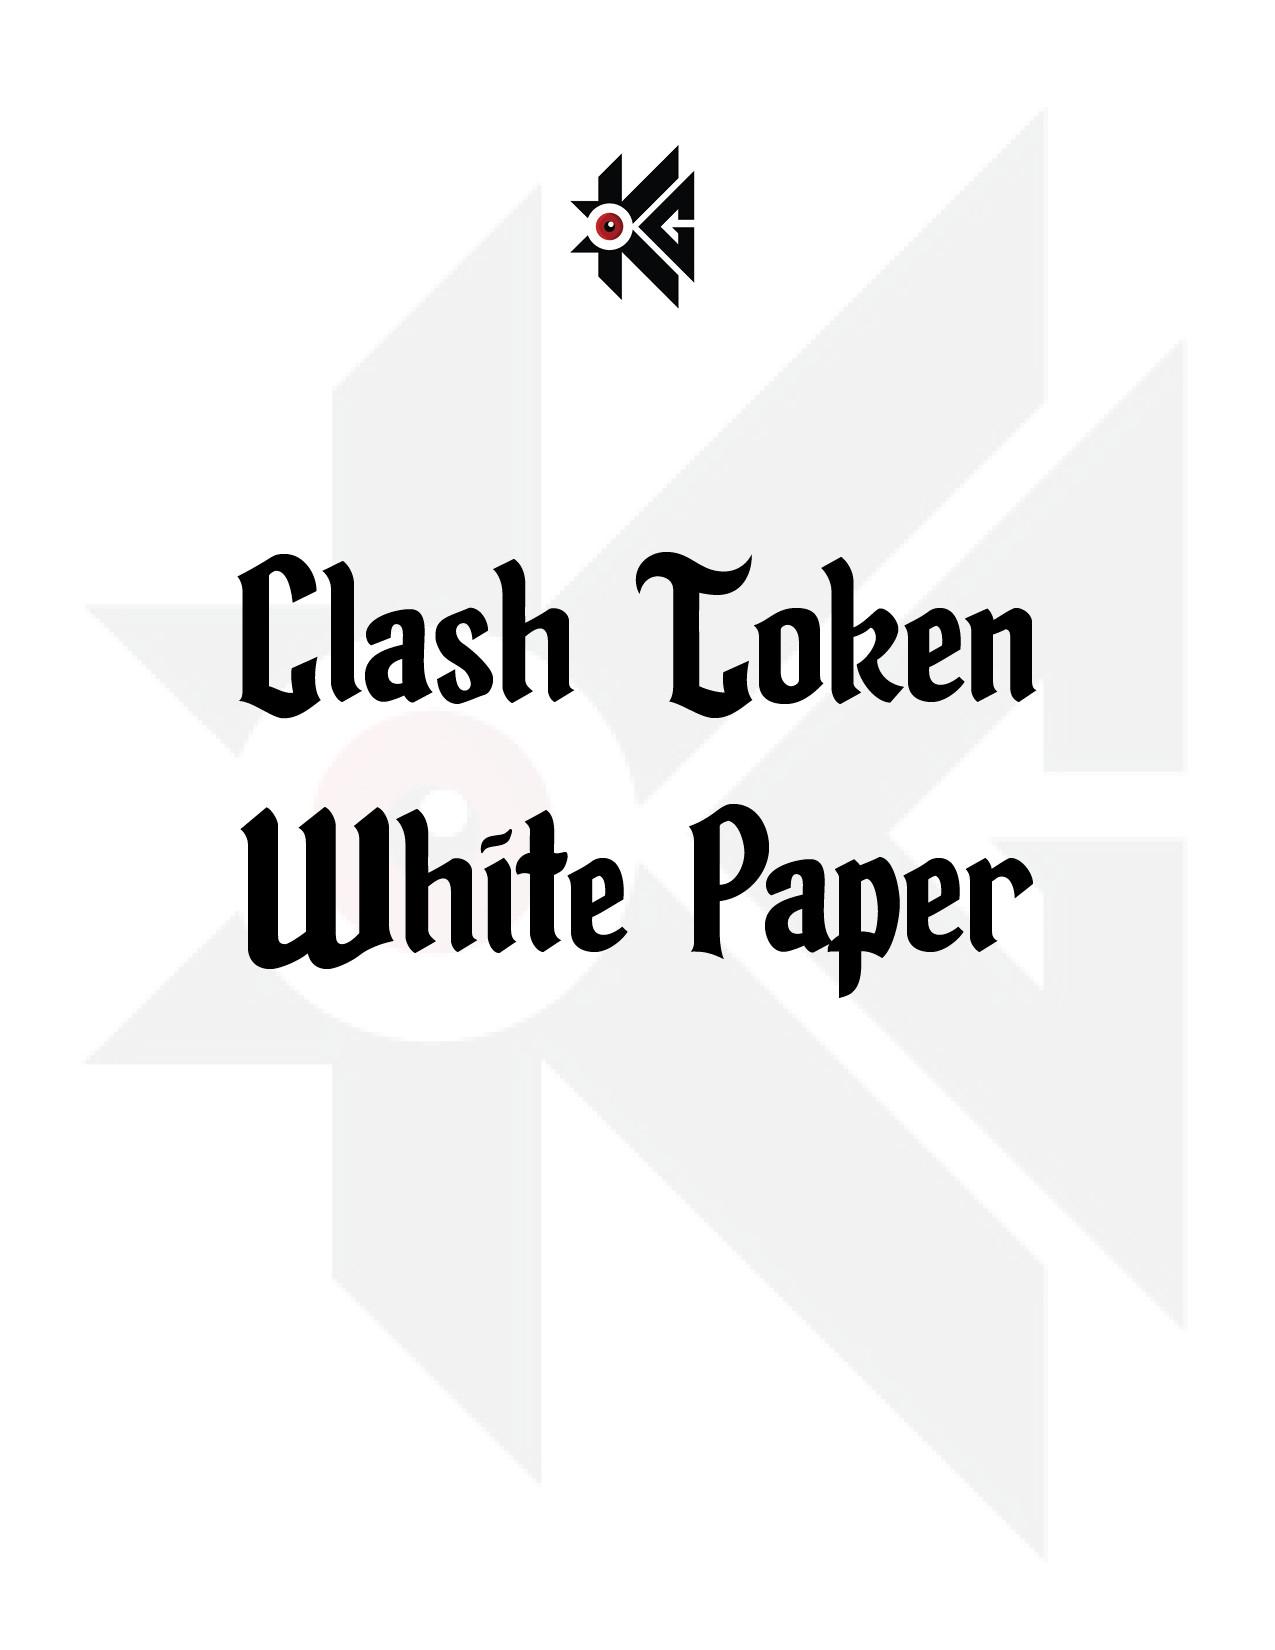 Clash Token White Paper.jpg